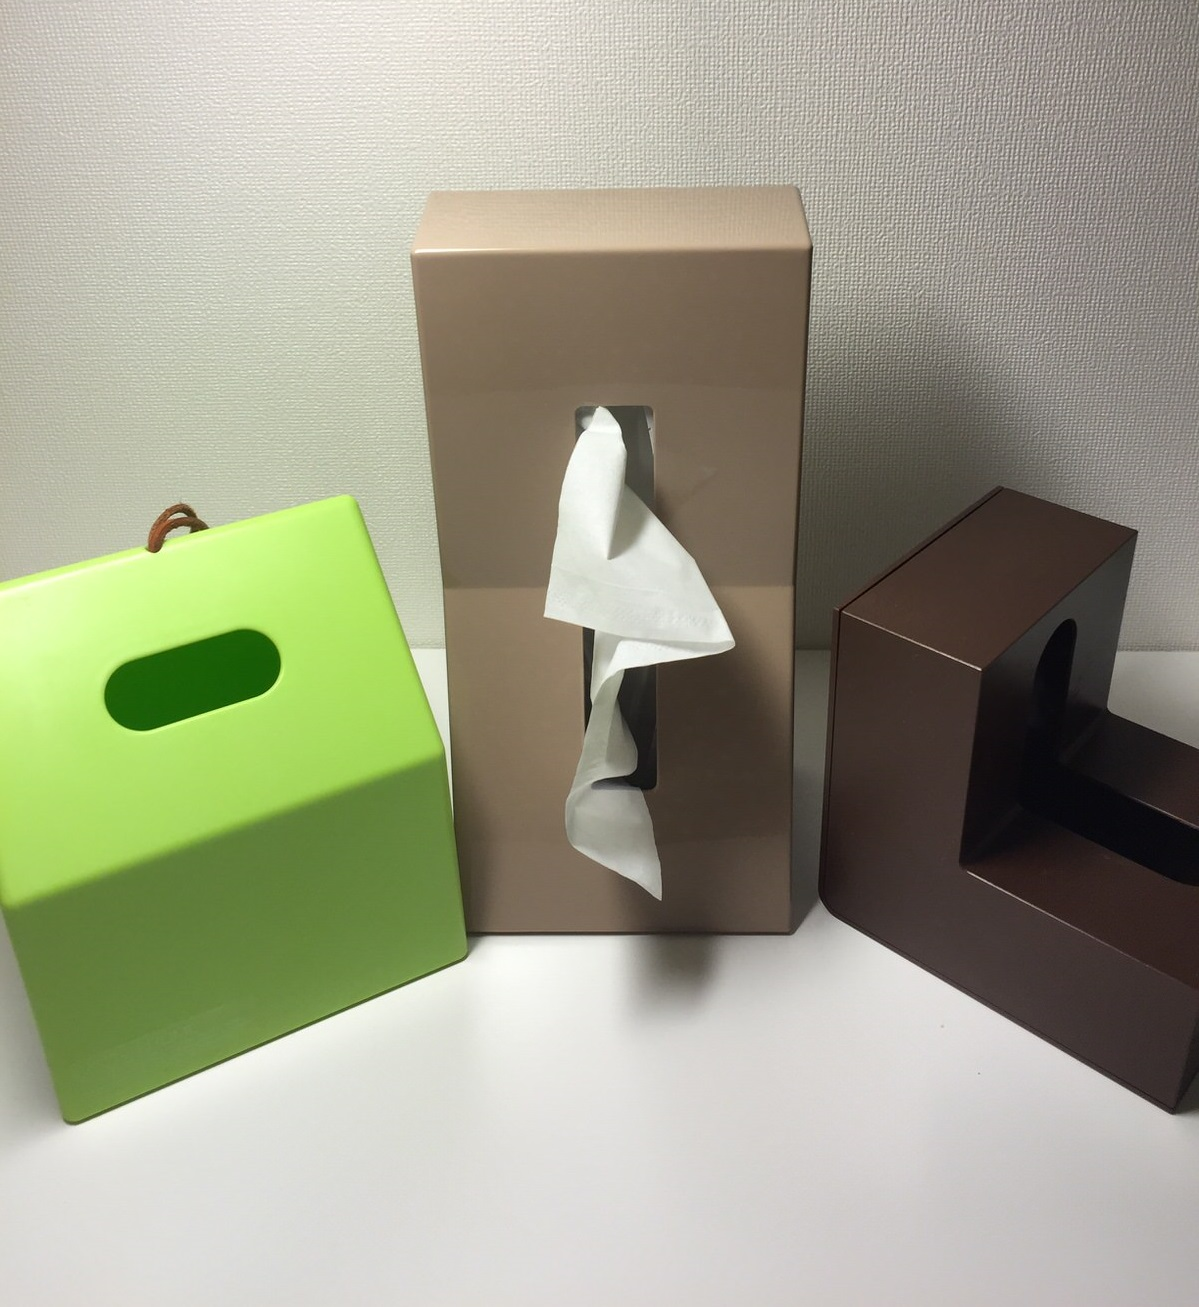 使いやすくてルックスのいいティッシュケース はこれ!4種使って比較してみた。